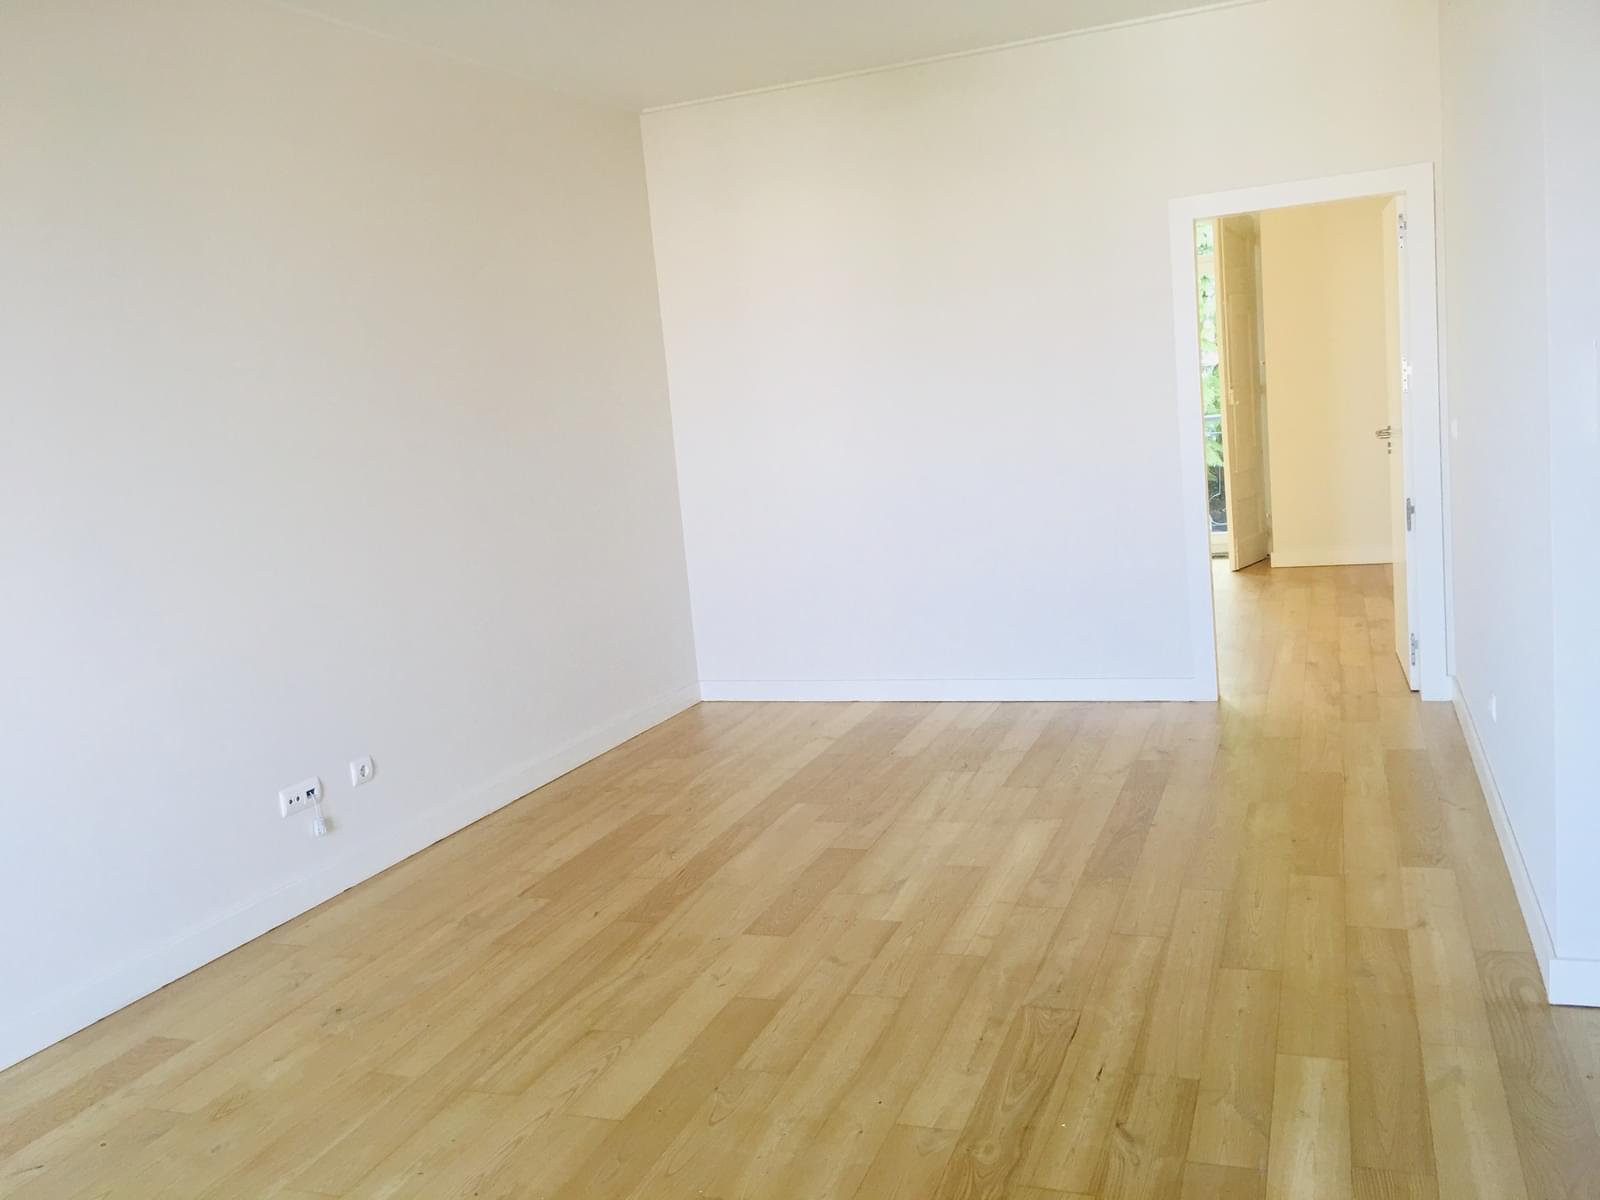 pf18822-apartamento-t1-lisboa-8875c0aa-18e6-453d-982d-9216c1224436